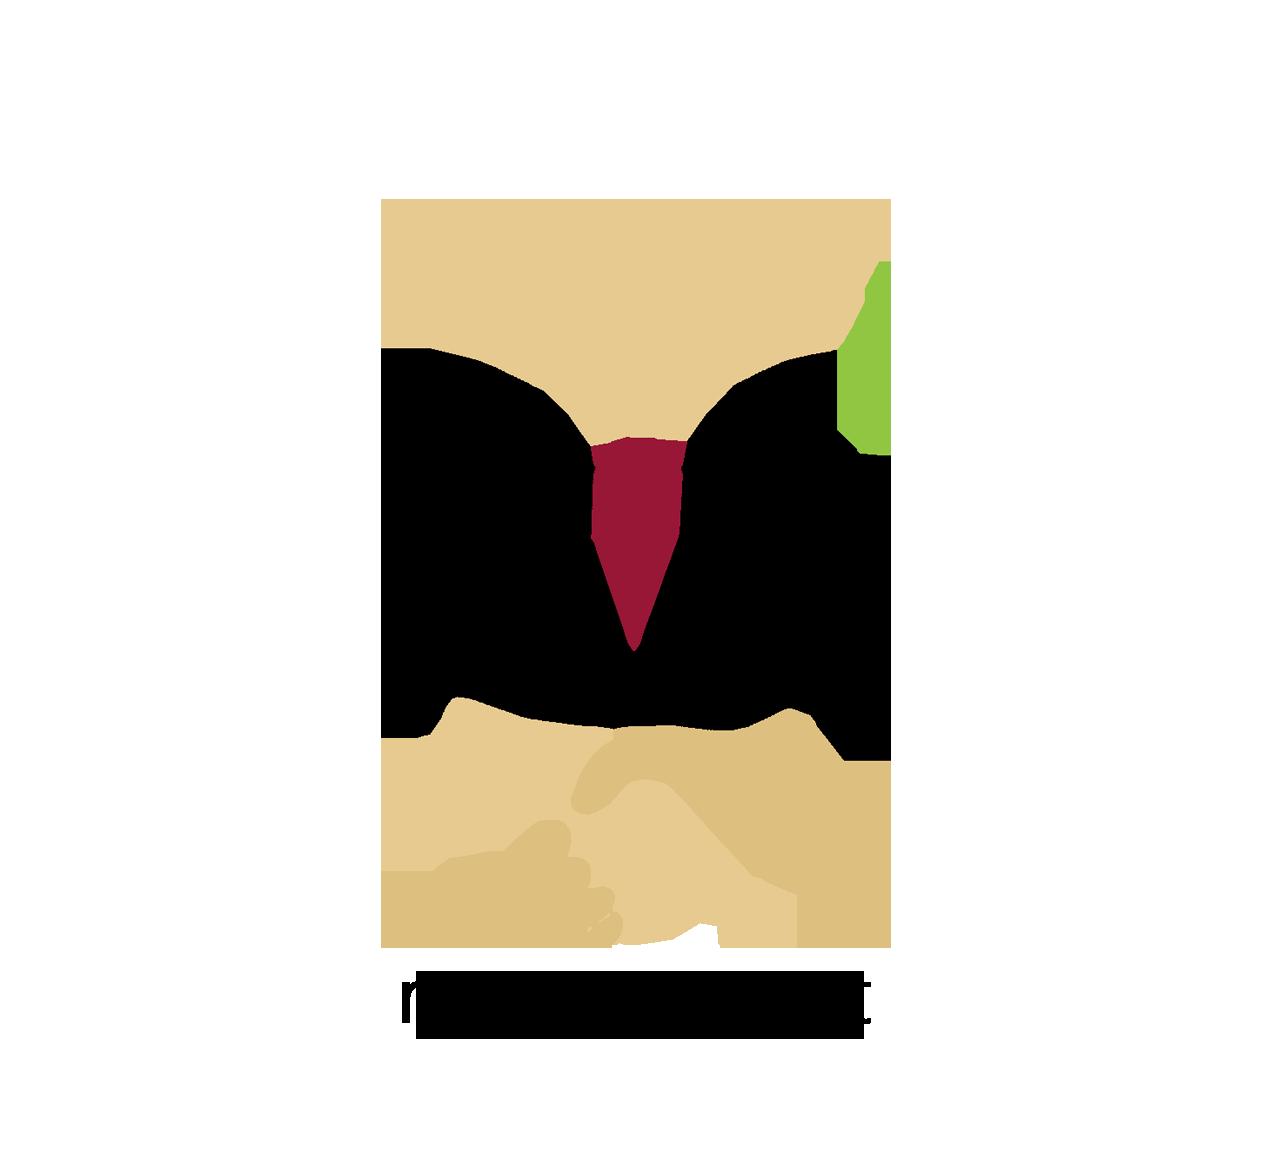 Competencias directivas de visión de negocio